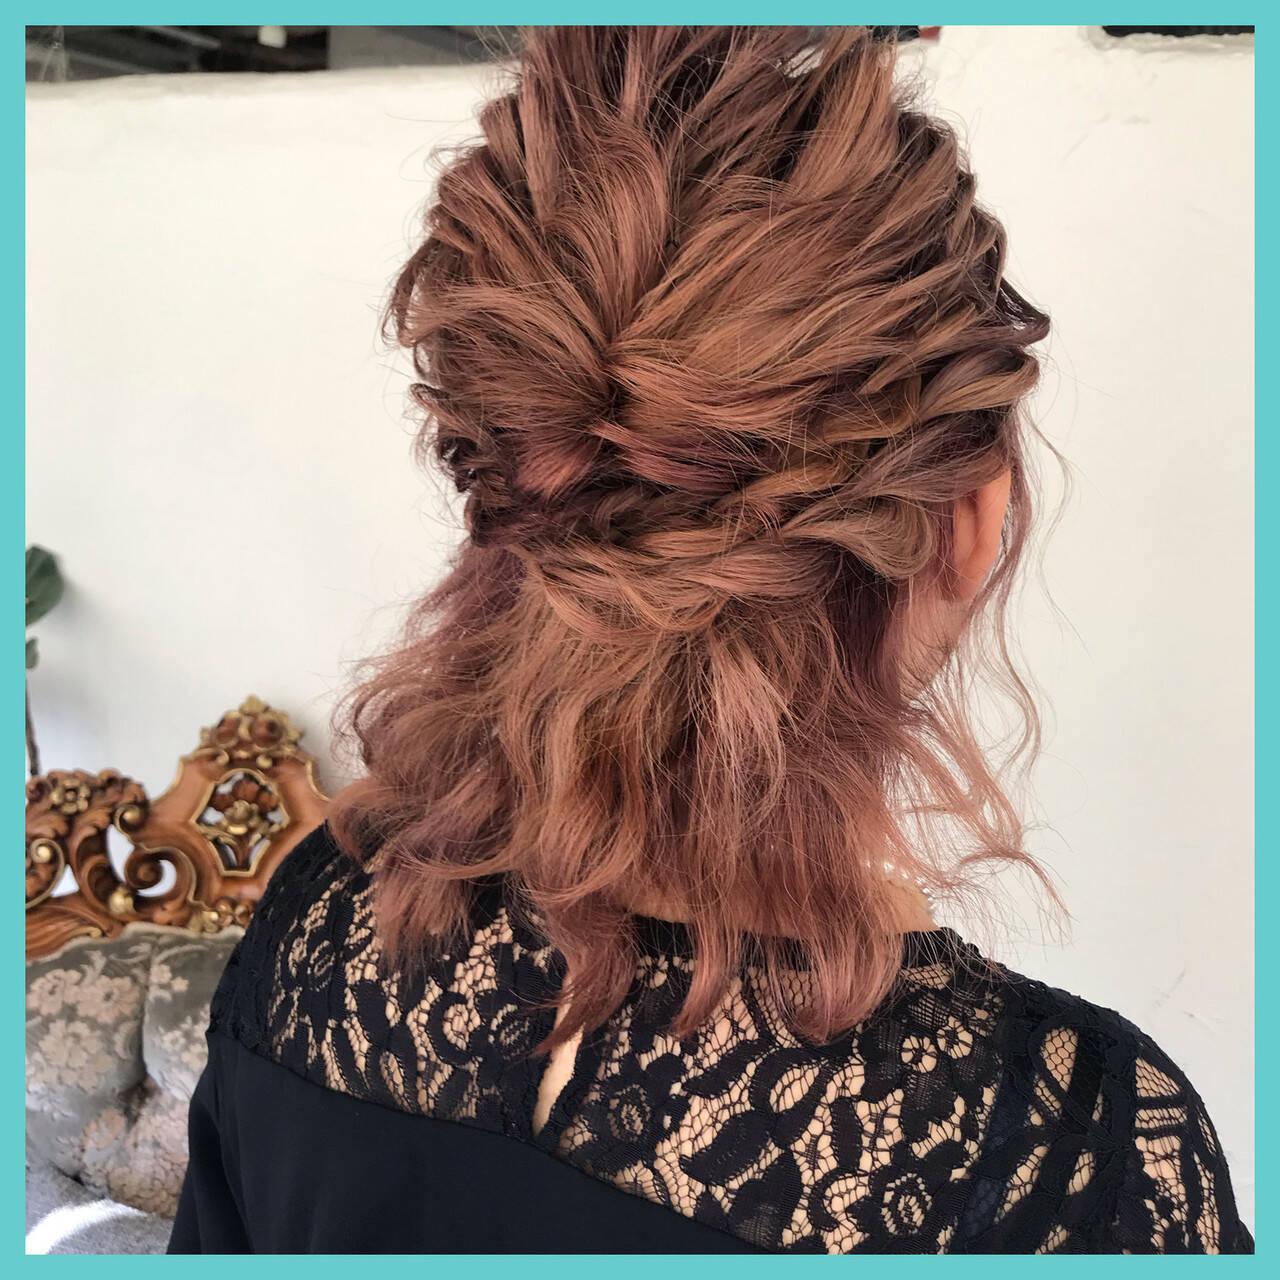 ボブ ナチュラル 結婚式 簡単ヘアアレンジヘアスタイルや髪型の写真・画像